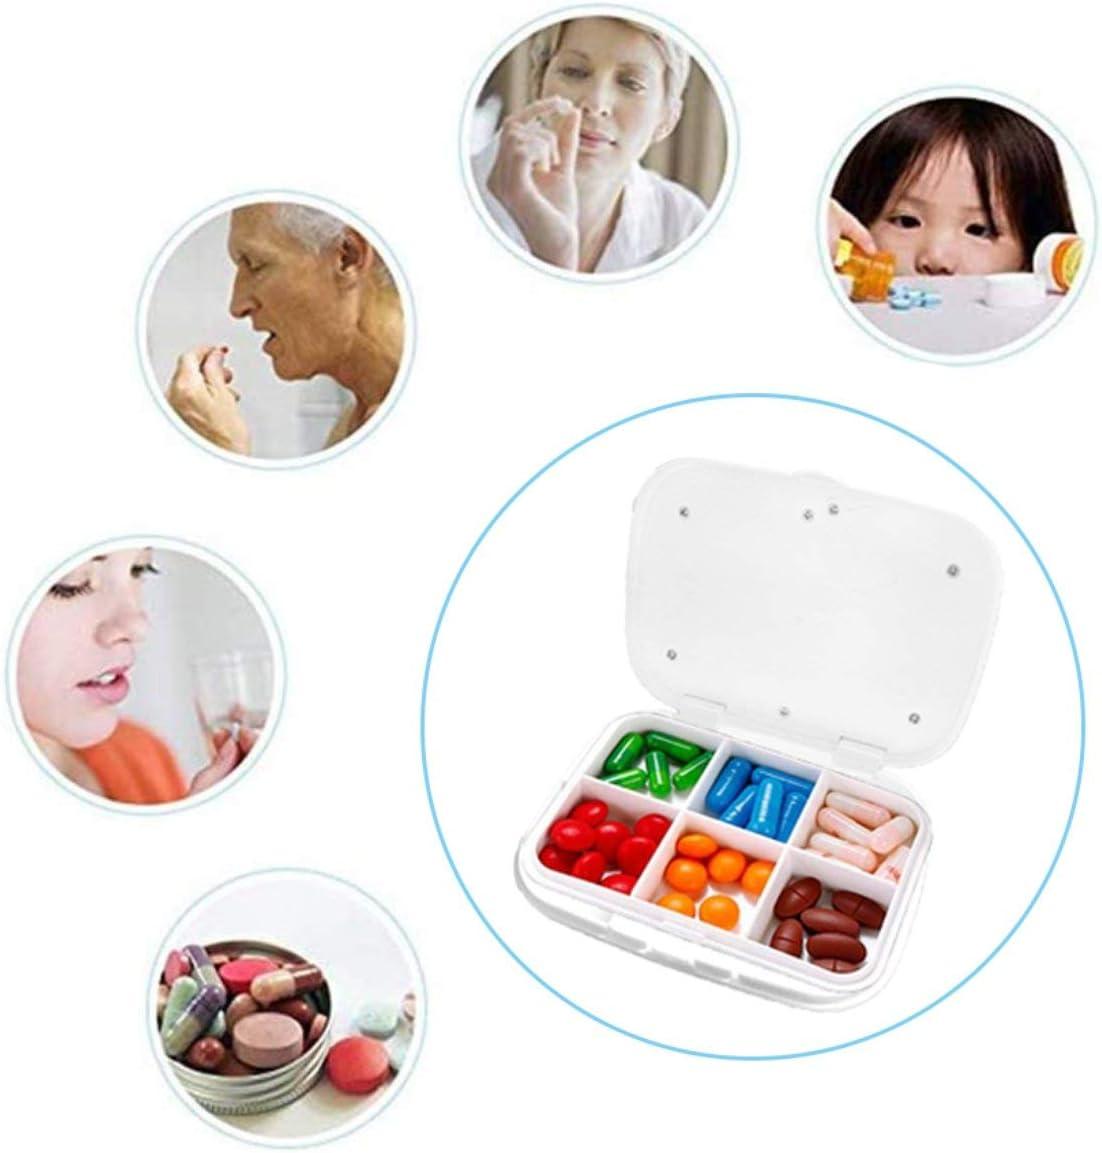 Pumprout Mini Caja de Medicina electr/ónica port/átil Multifuncional con Compartimento extra/íble Caja de Medicina con Alarma electr/ónica